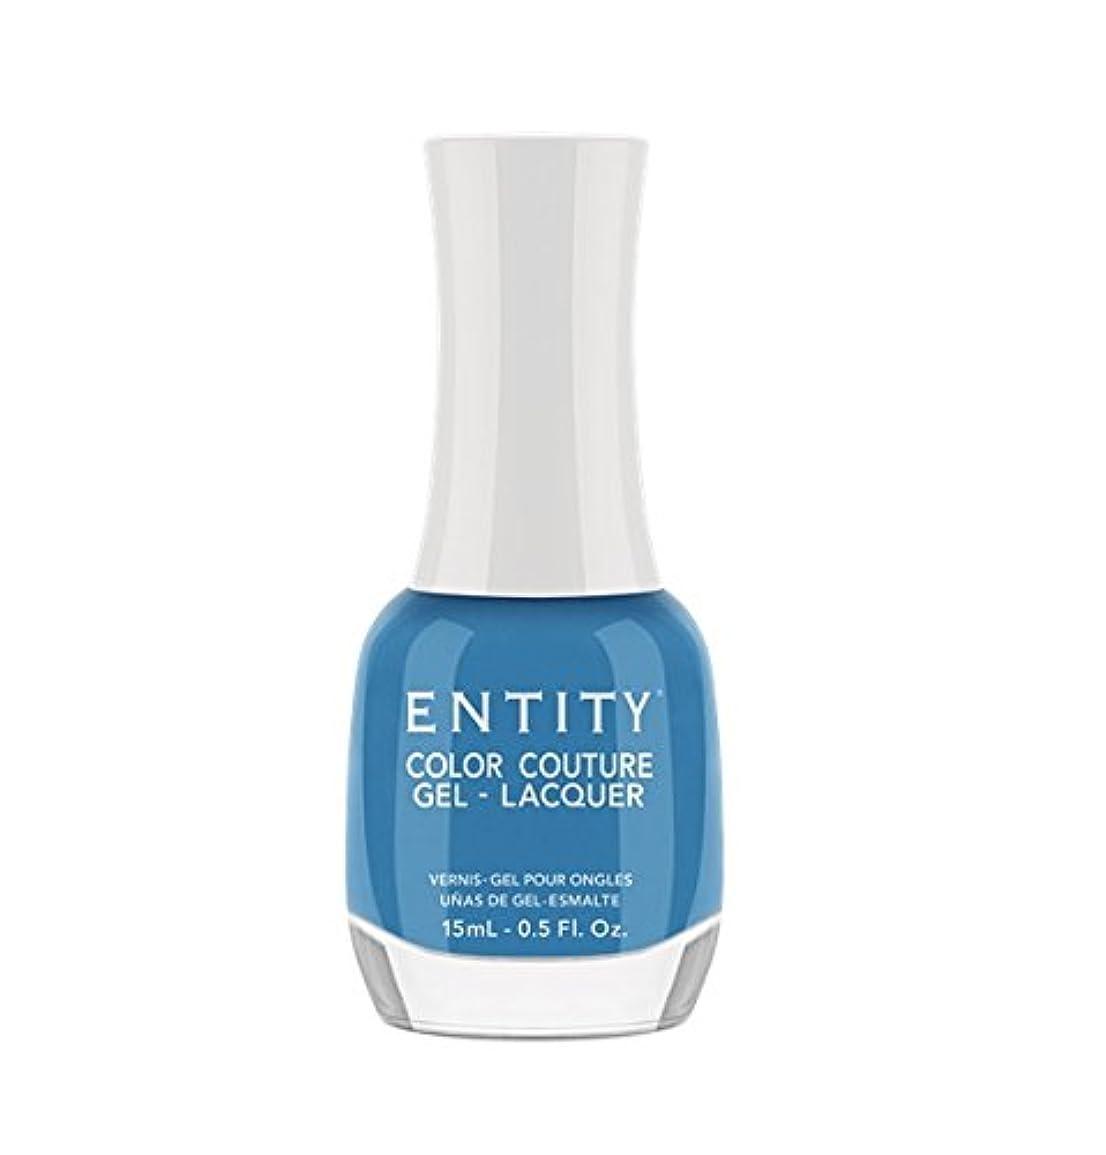 ホップ時代遅れ精度Entity Color Couture Gel-Lacquer - Flaunt Your Fashion - 15 ml/0.5 oz